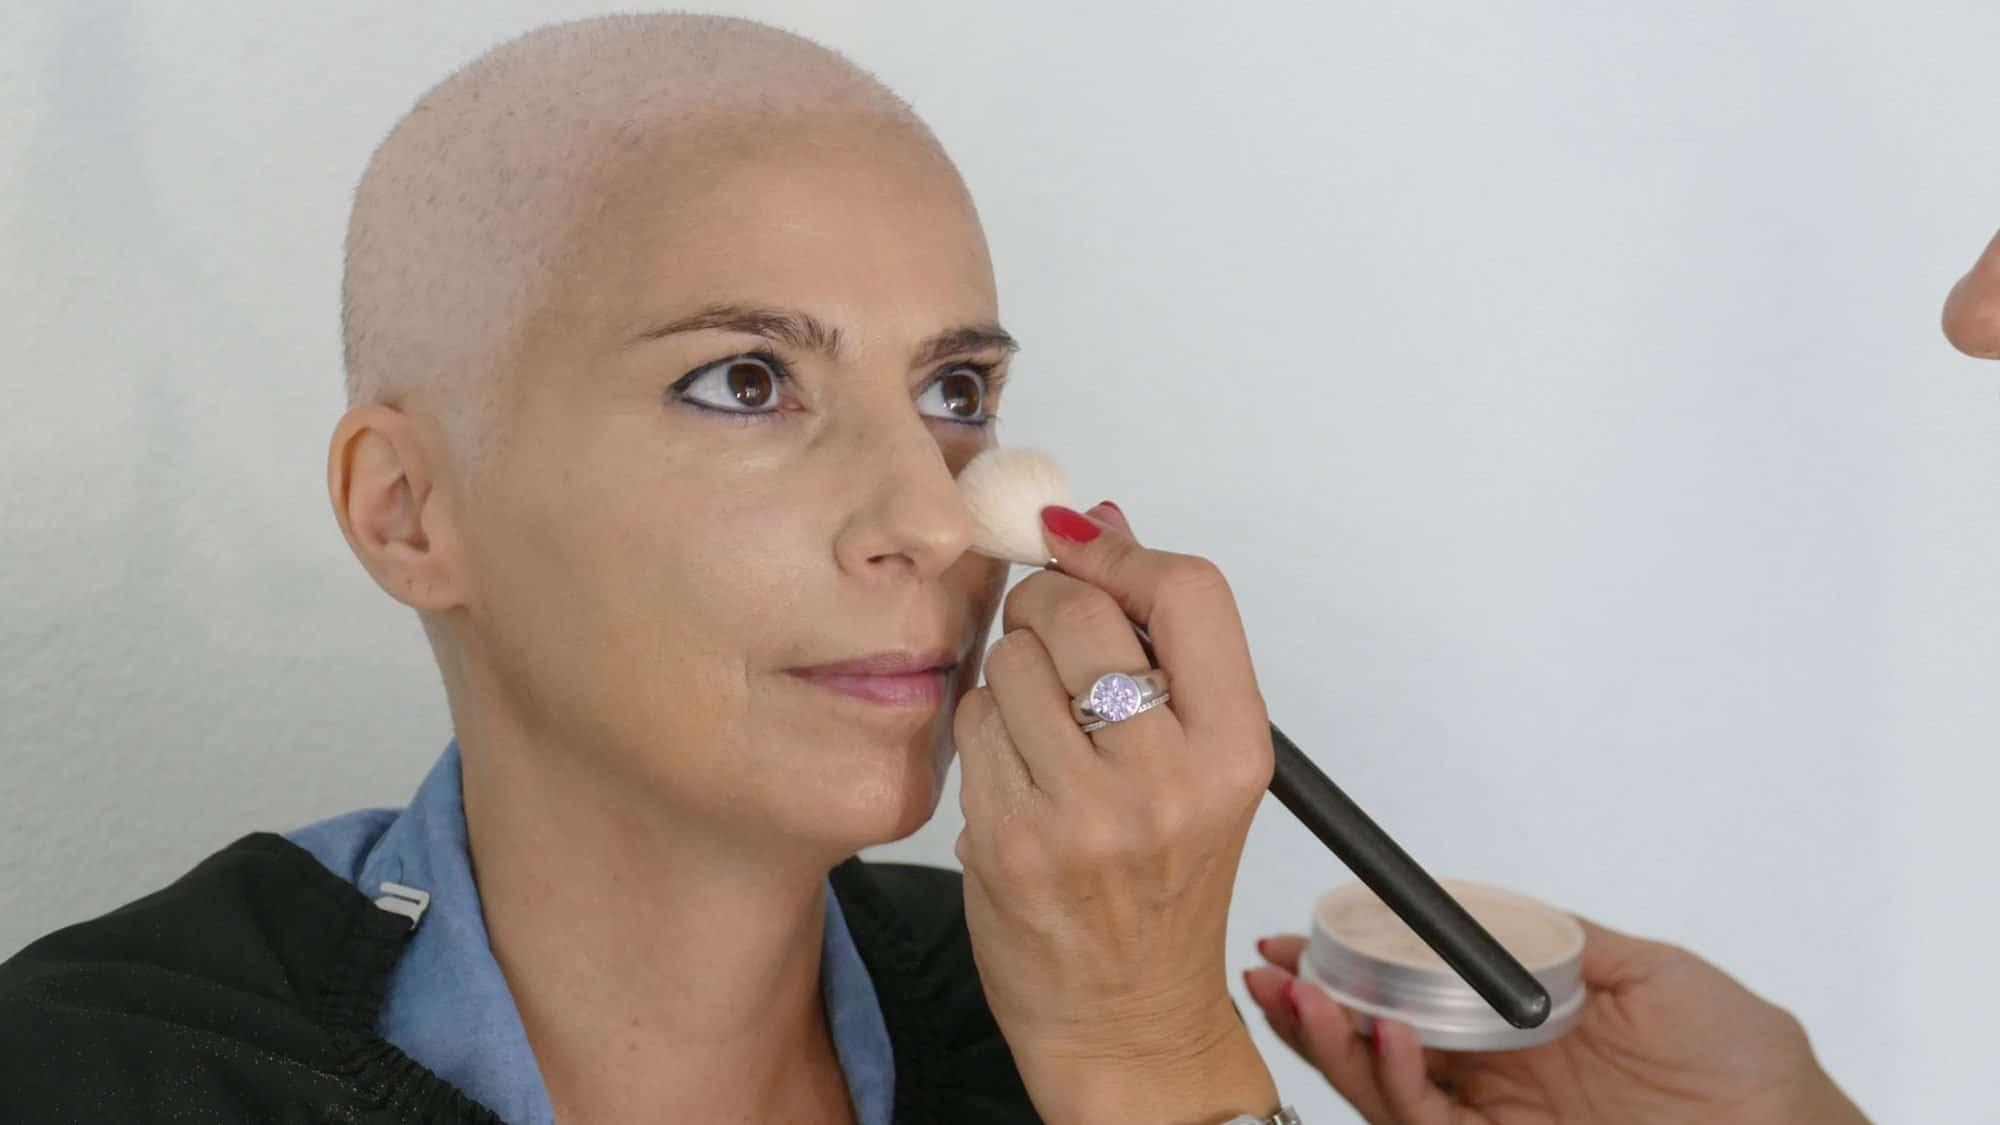 Schminktipps bei Chemotherapie: Puderbank unter den Augen auftragen.